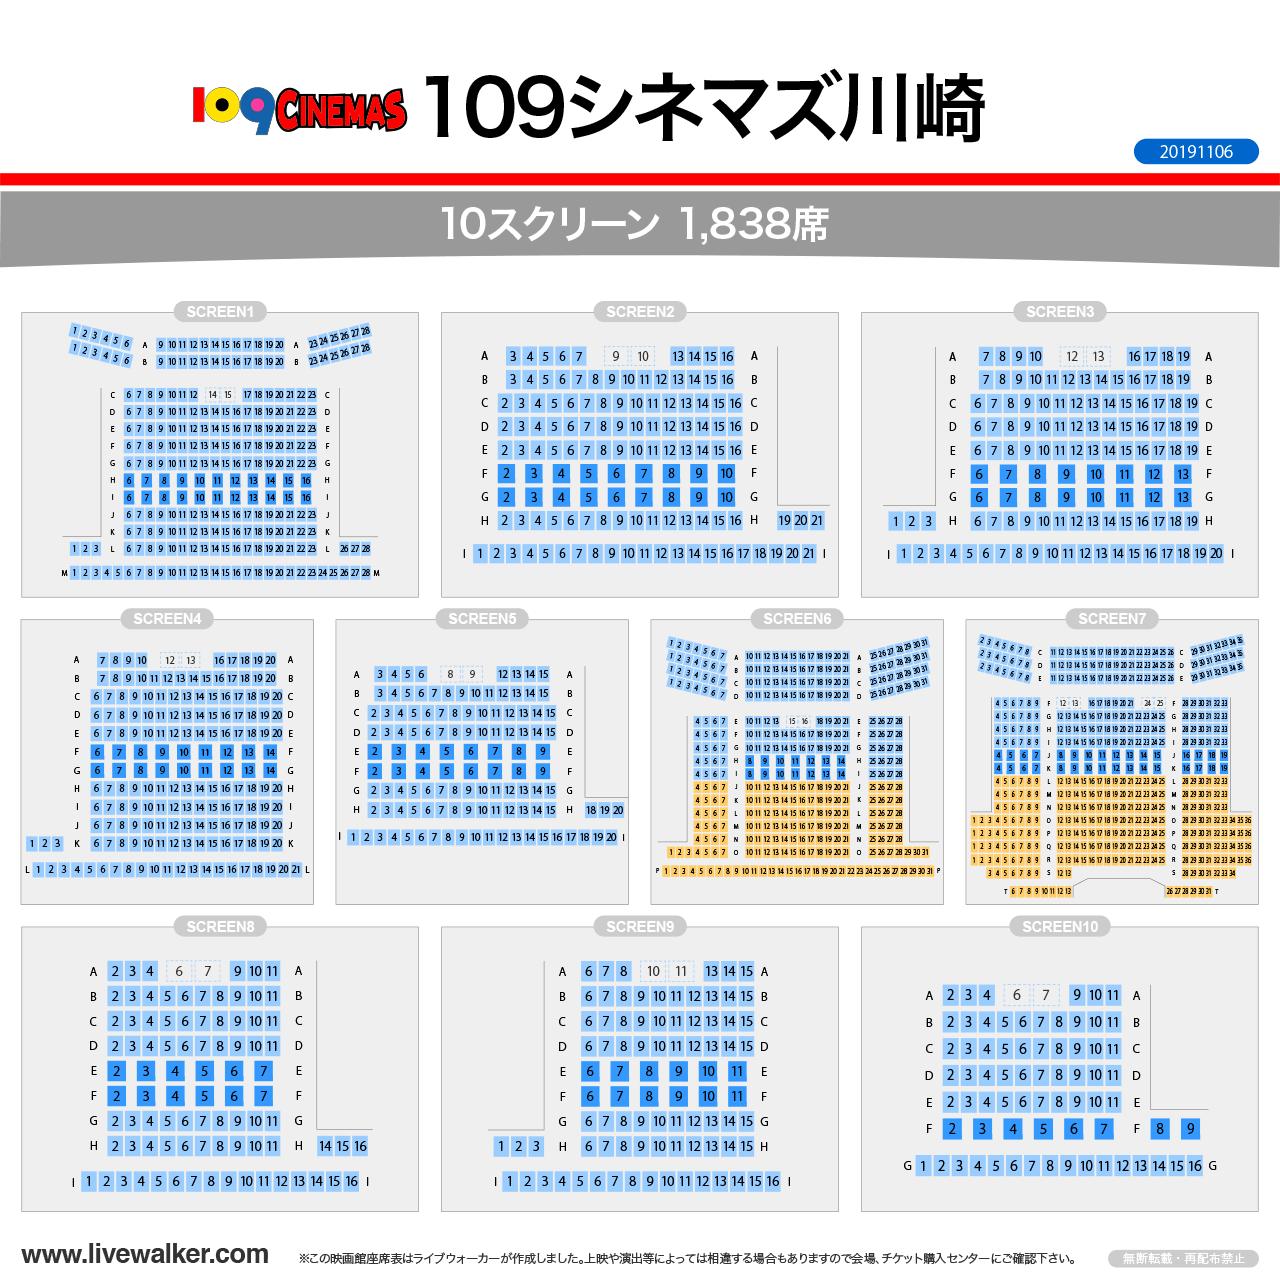 109シネマズ川崎 神奈川県 川崎市幸区 Livewalker Com 2020 シネコン 映画館 川崎